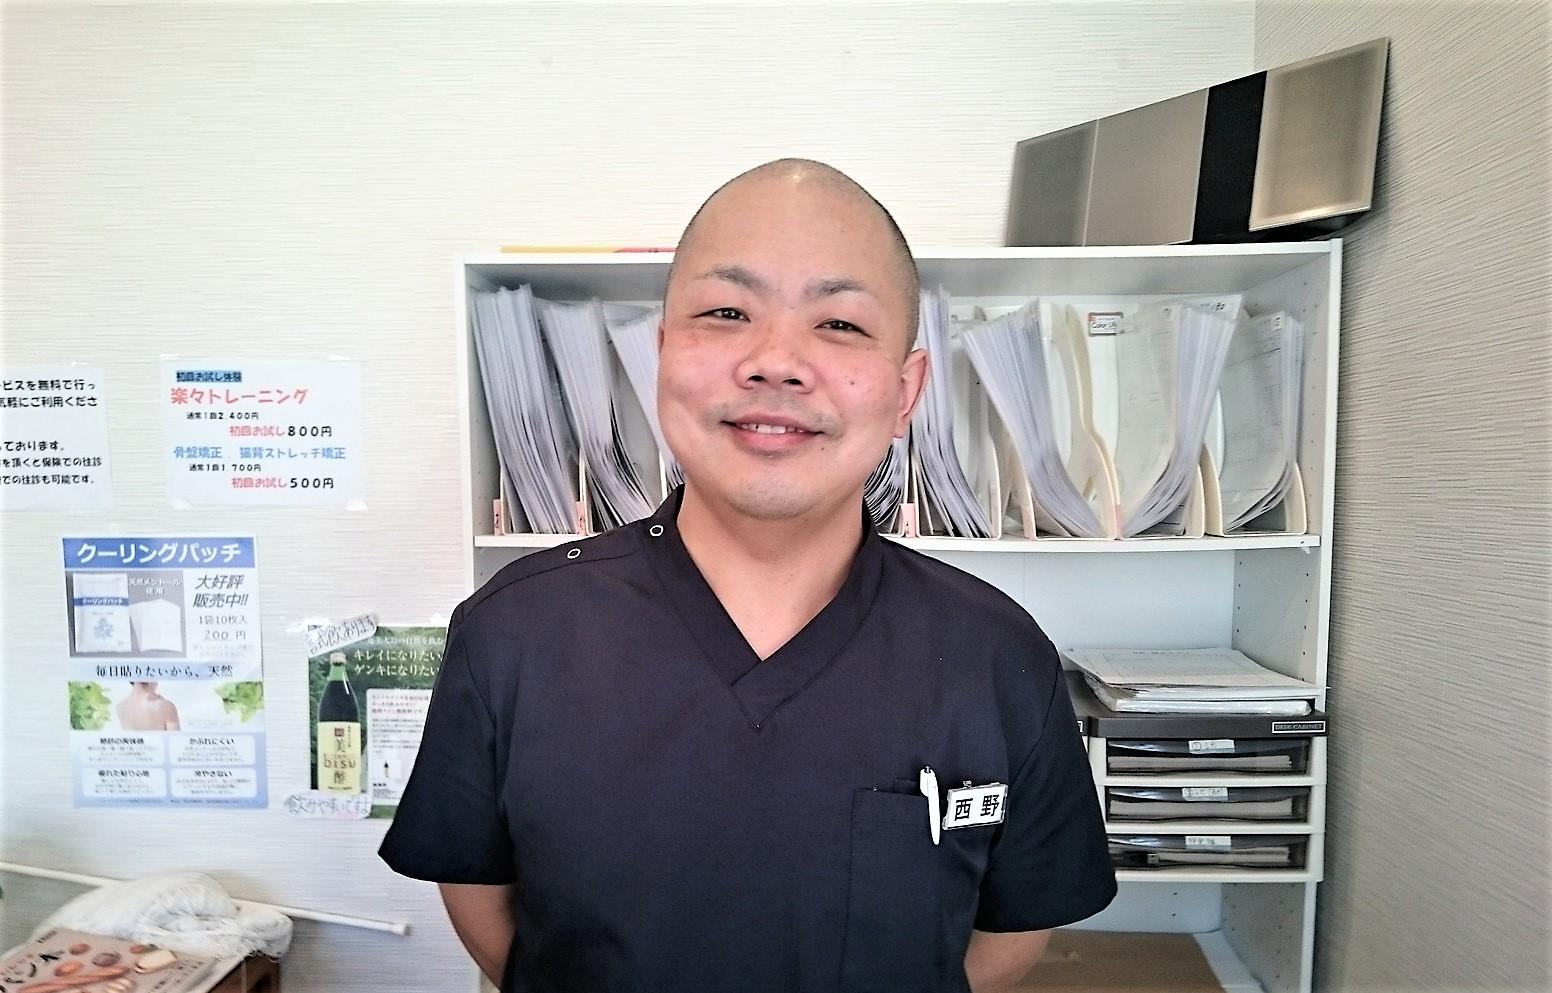 にしの鍼灸整骨院